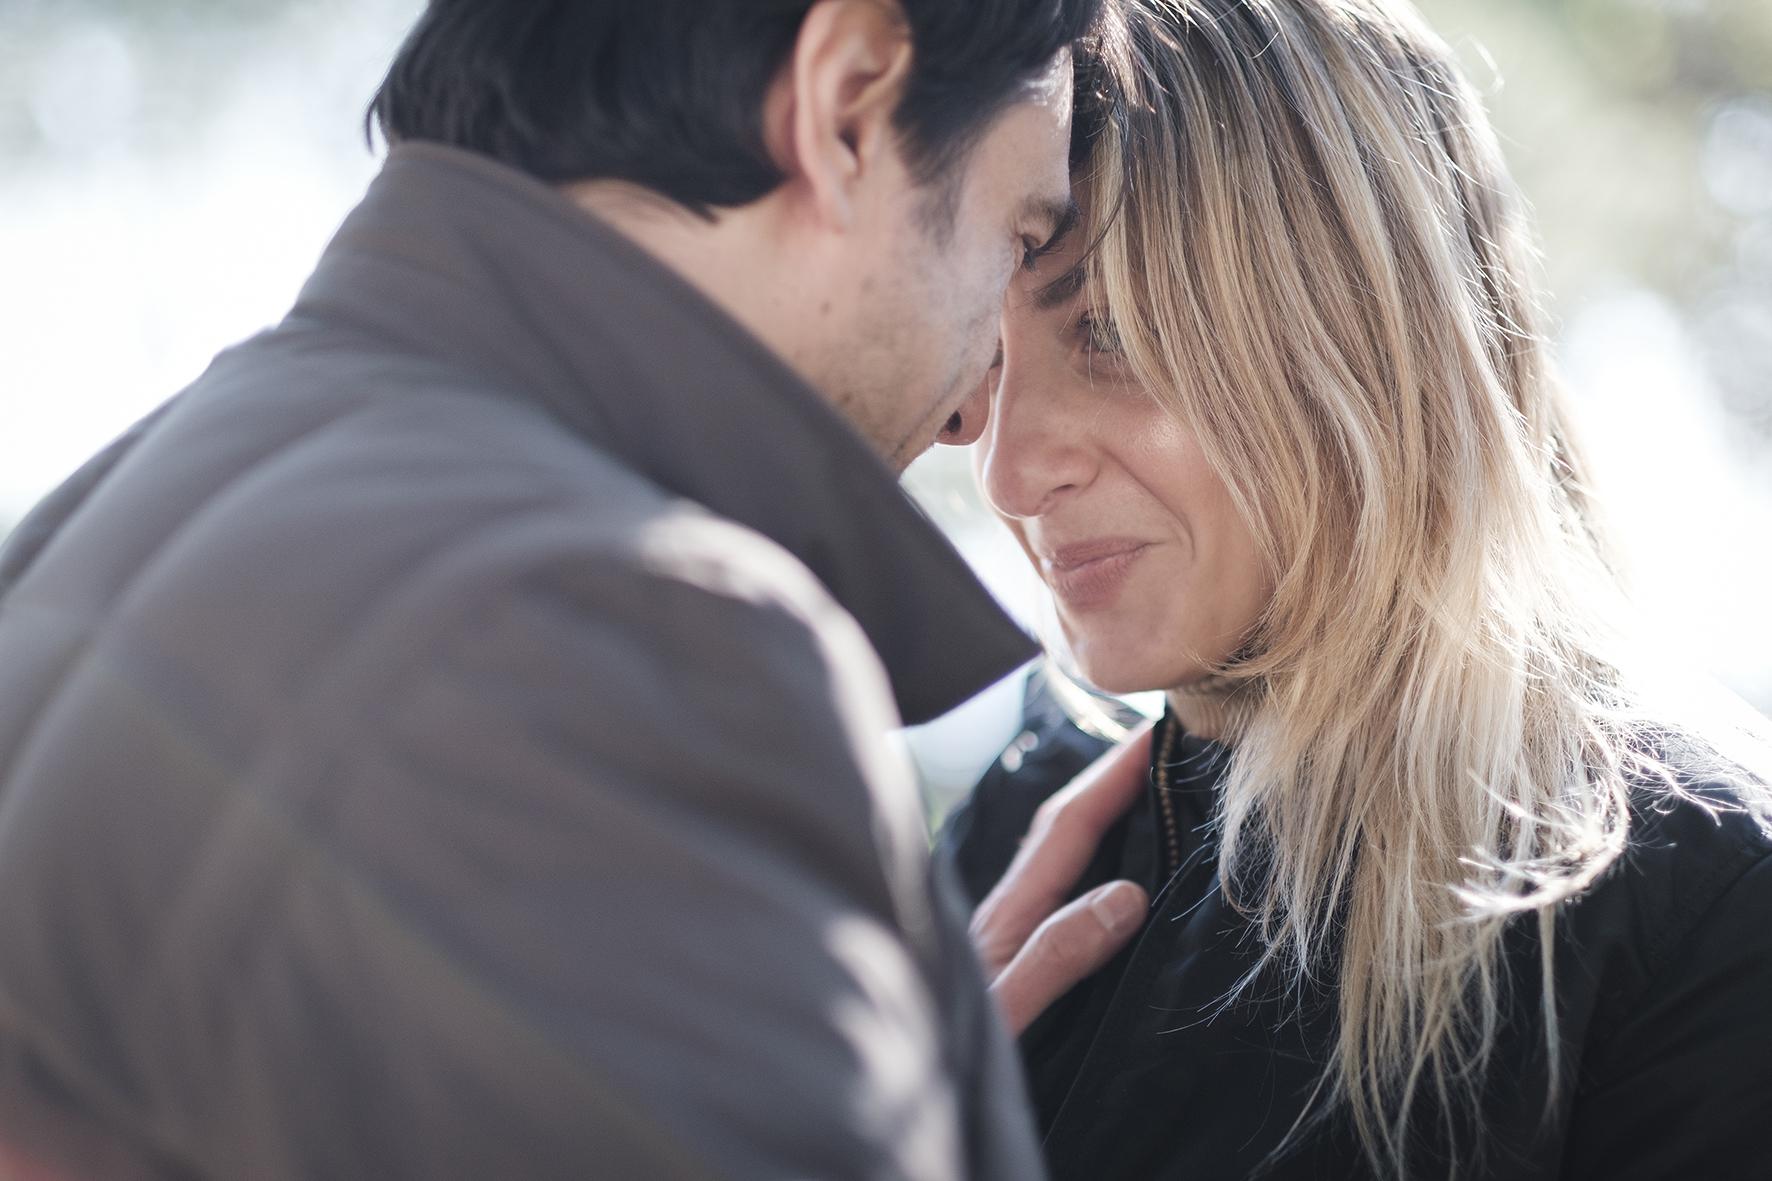 foto di coppia sevizio fotografico prematrimoniale